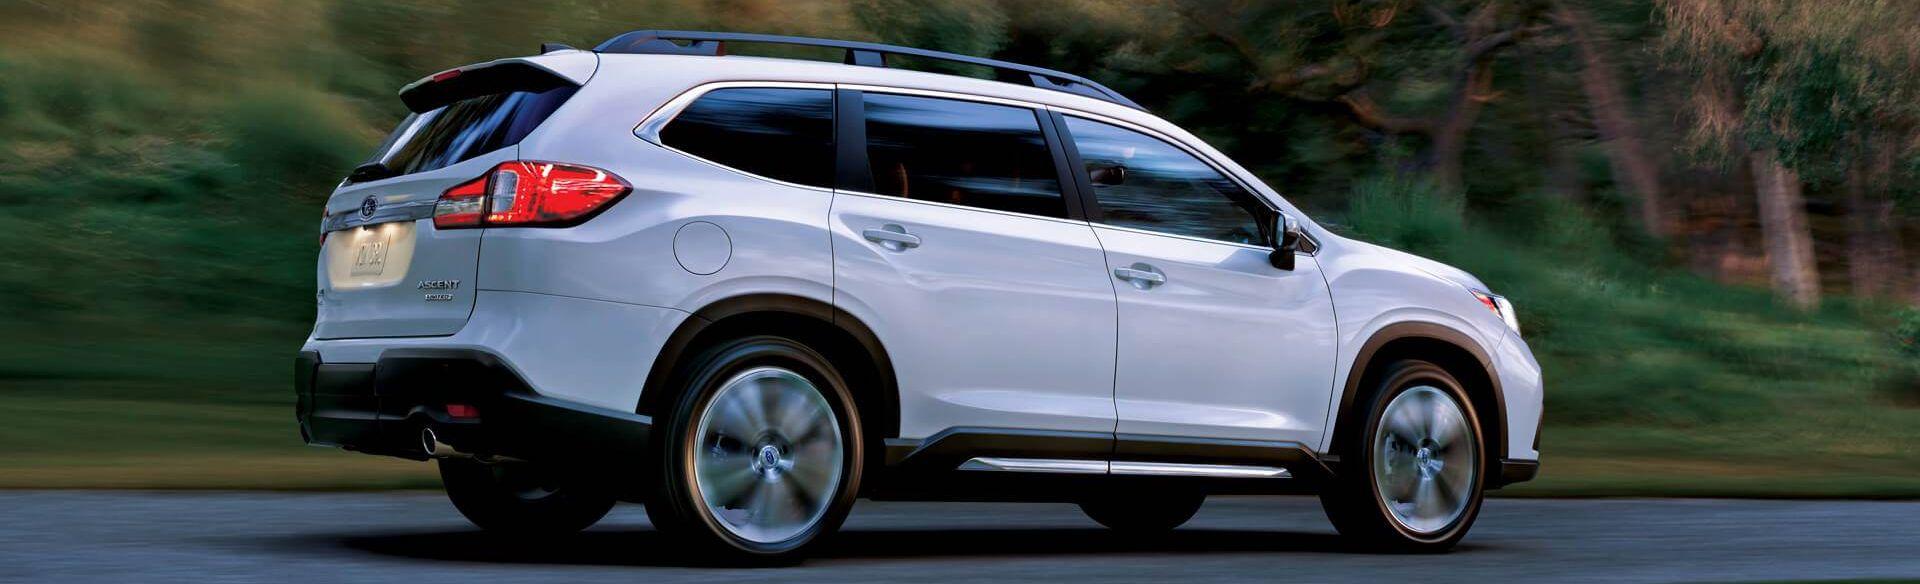 2019 Subaru Ascent for Sale in Sacramento, CA